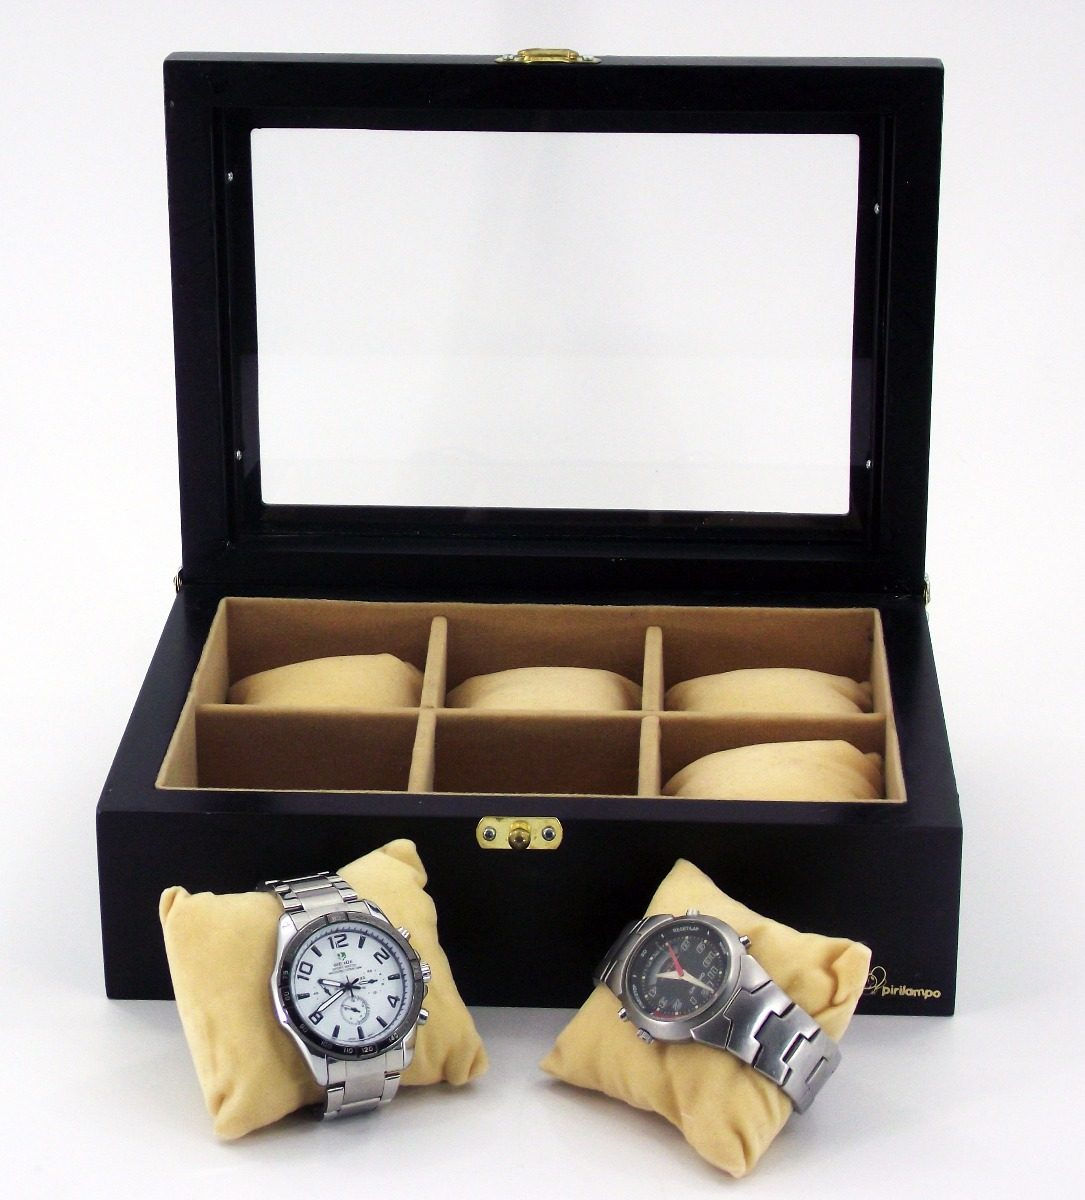 999e432e61c caixa estojo porta 6 relógios organizador luxo. Carregando zoom.